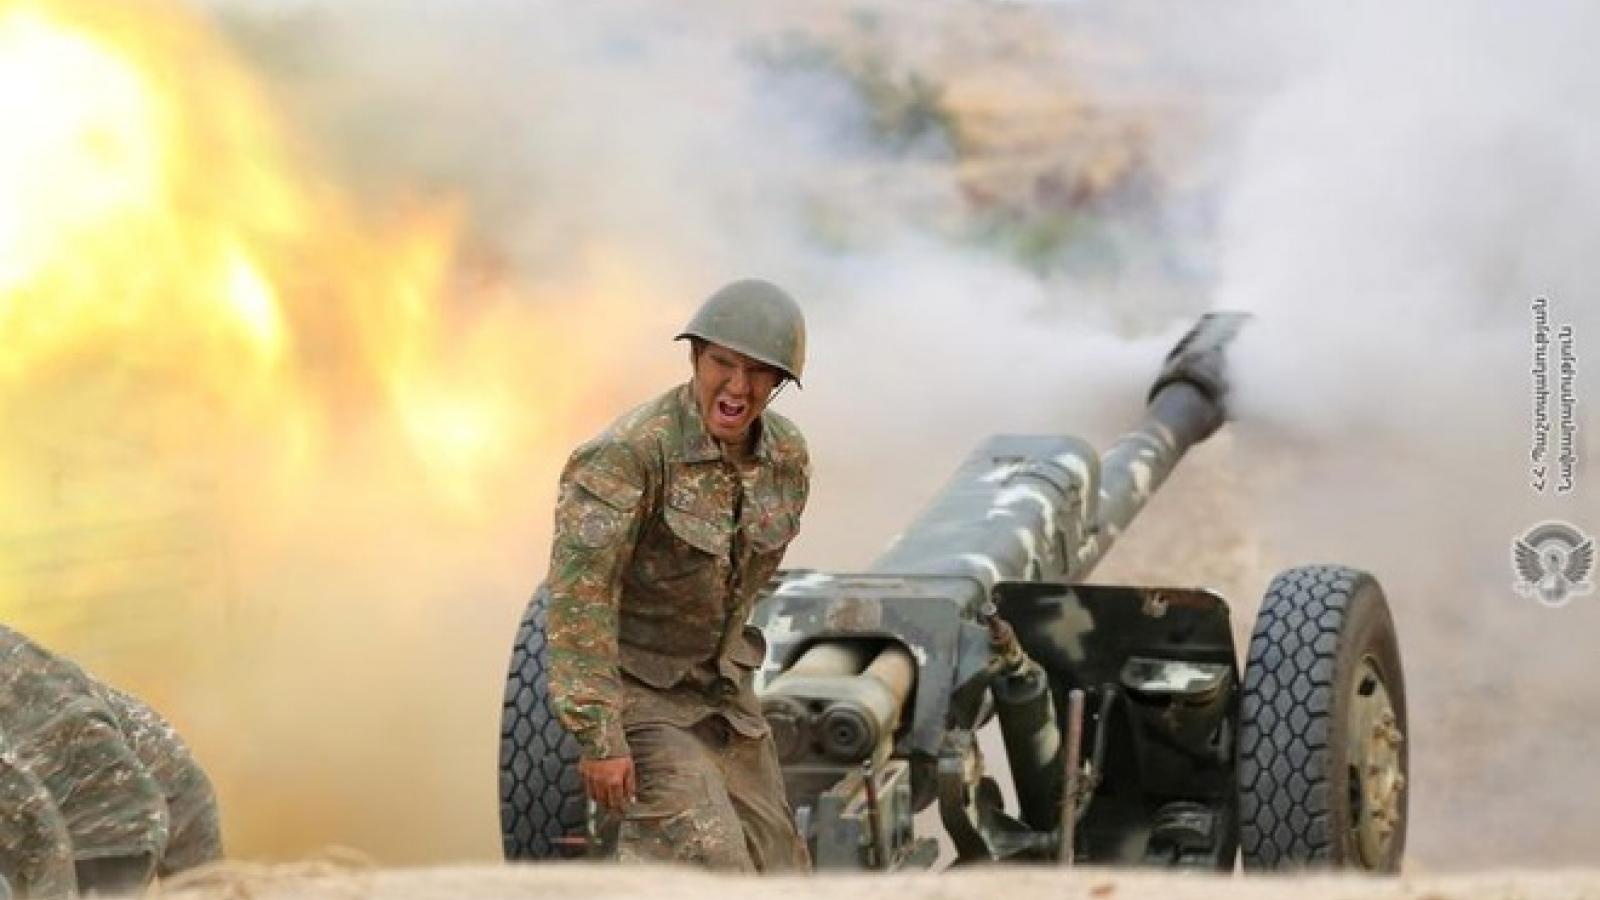 Thổ Nhĩ Kỳ phản đối Nga, Pháp và Mỹ can dự vào Nagorno-Karabakh